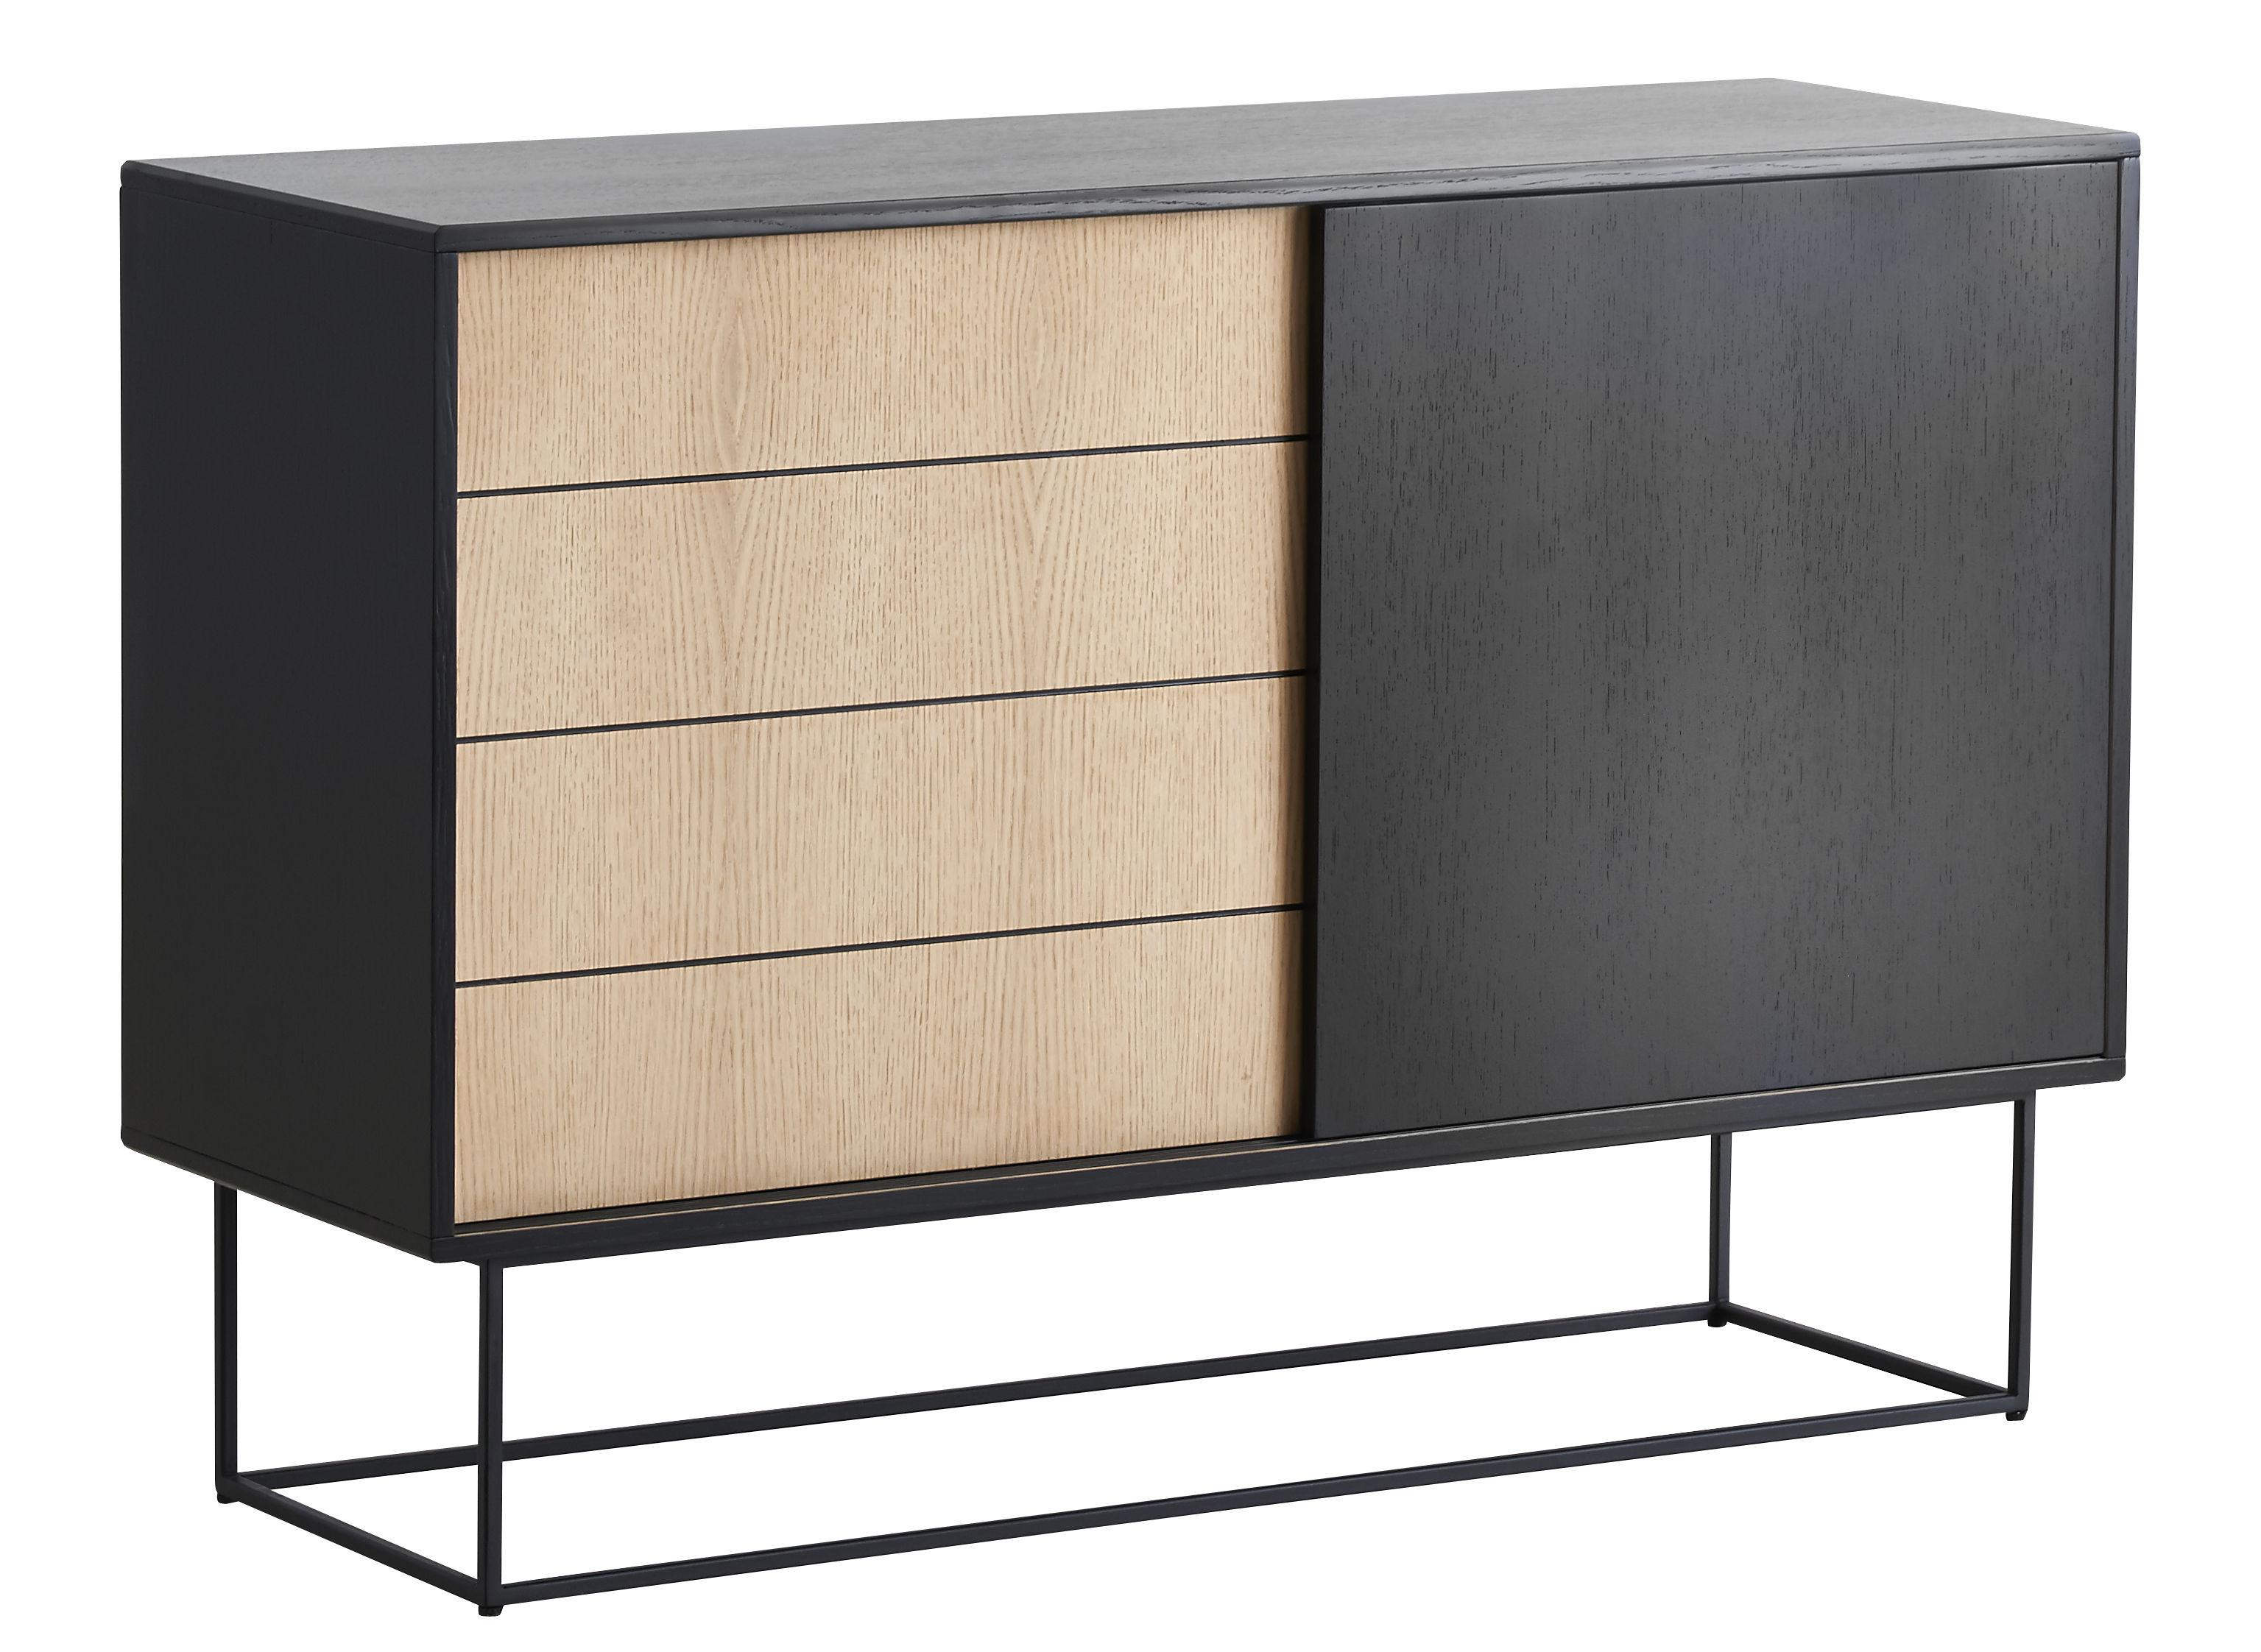 Mobilier - Commodes, buffets & armoires - Buffet Virka High / Meuble TV - L 120 x H 82 cm - Woud - Bois naturel / Noir - Contreplaqué de chêne, Métal